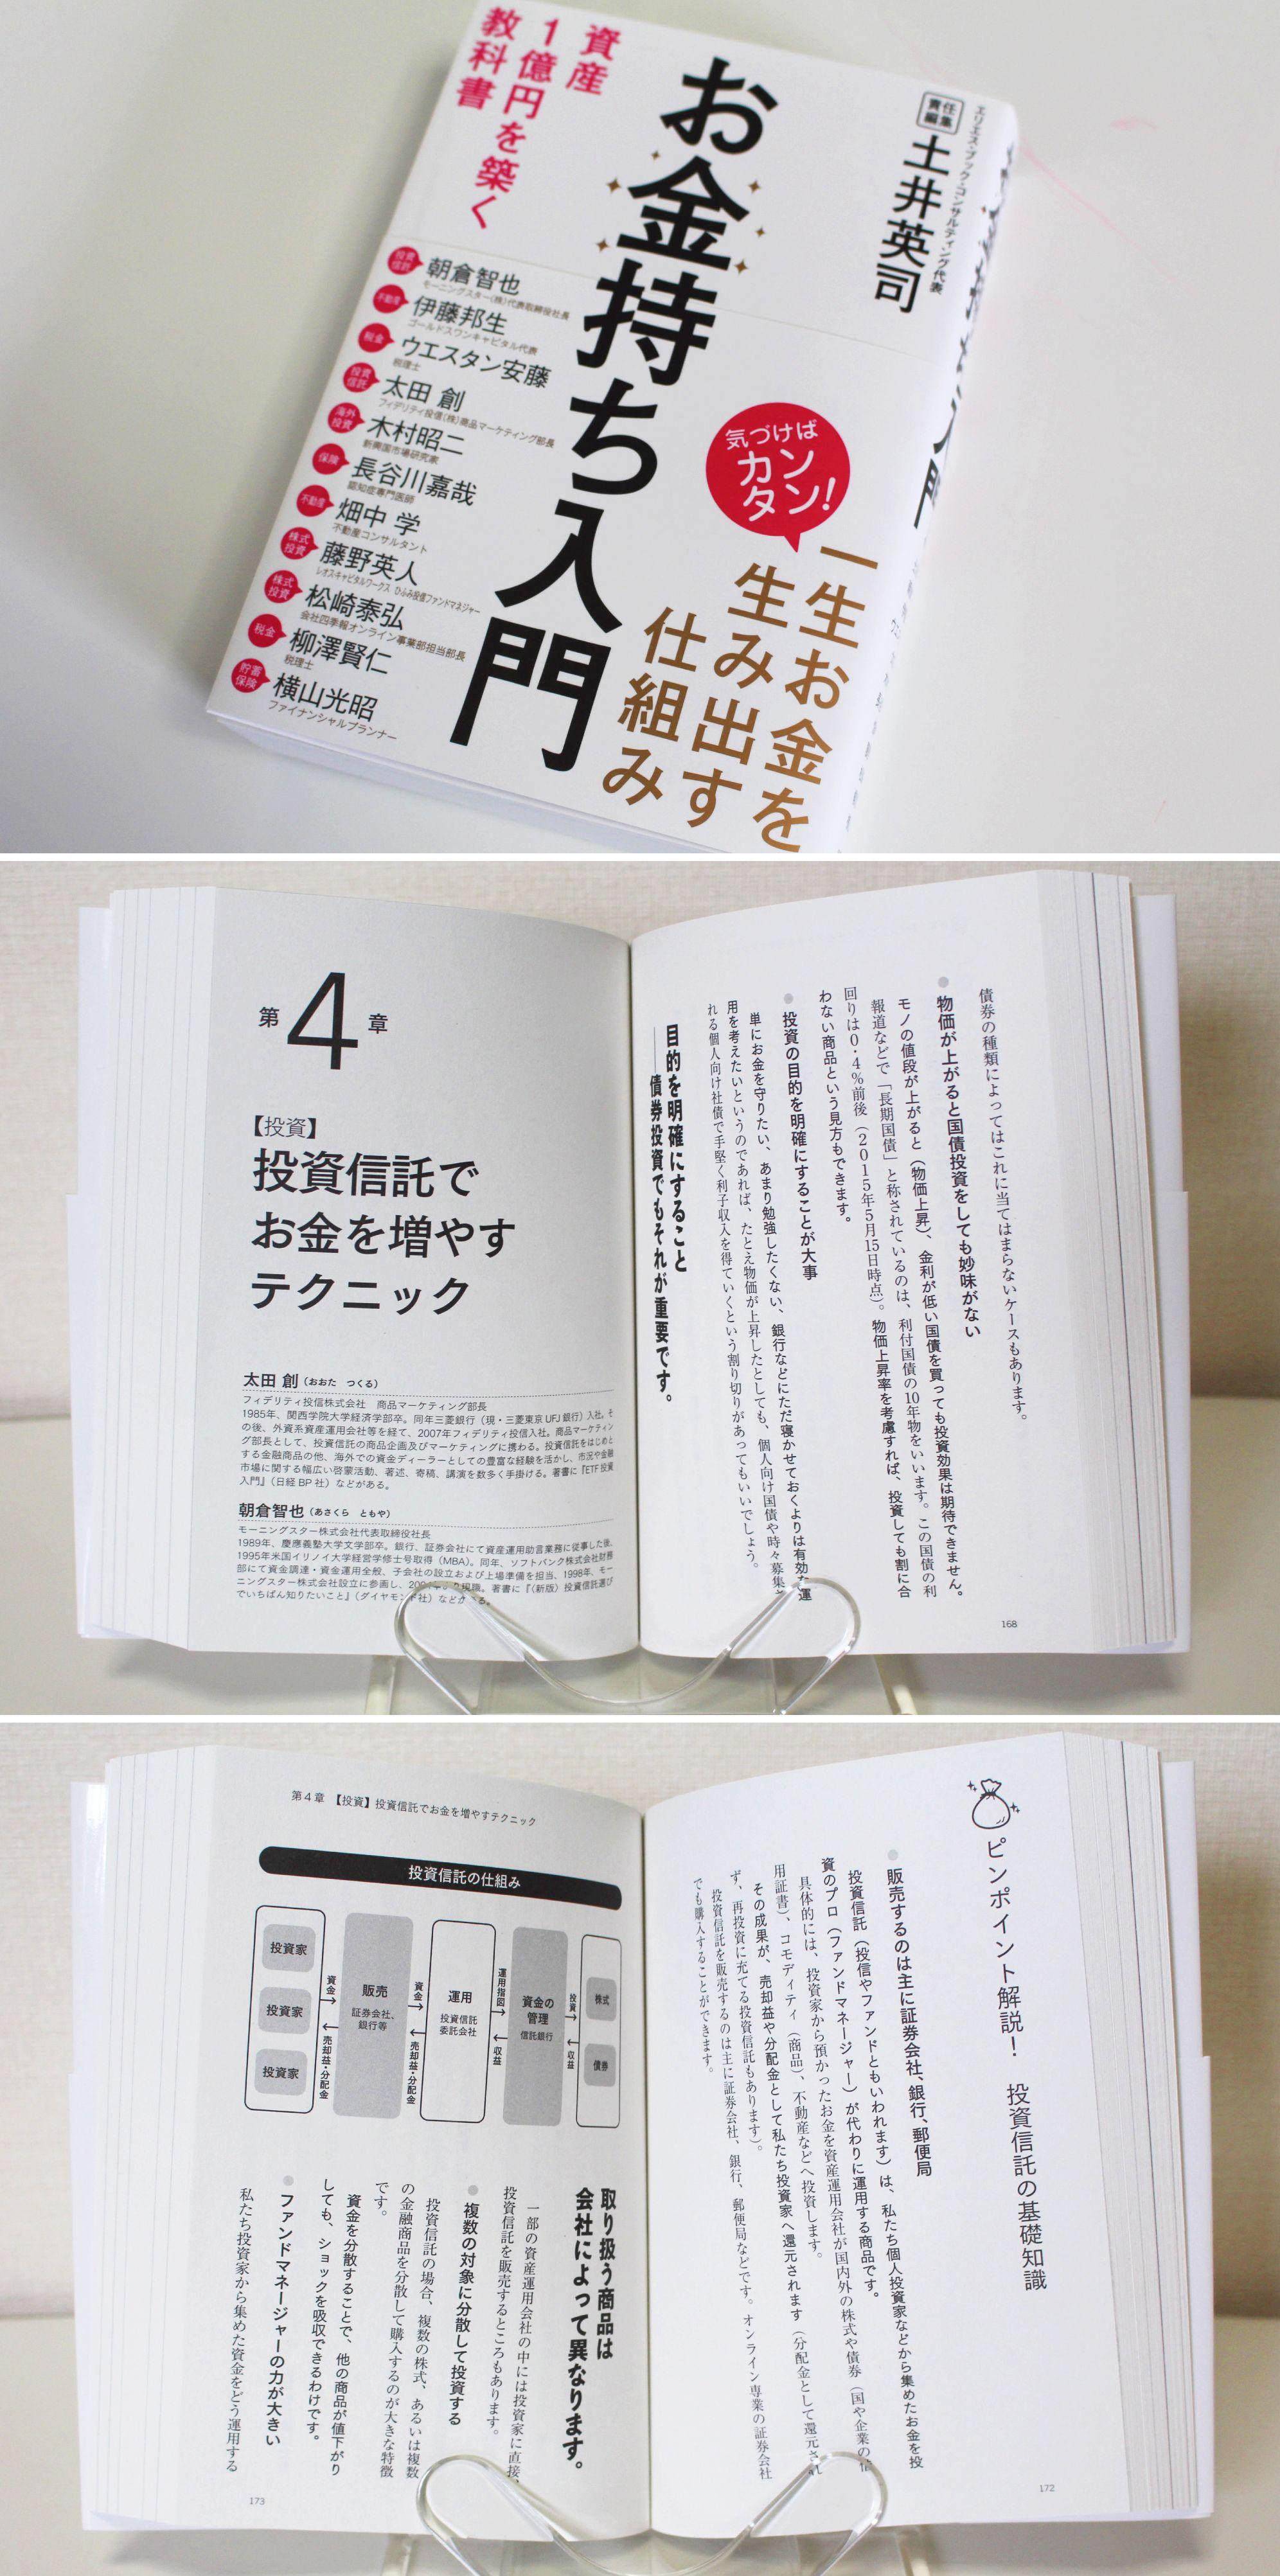 『お金持ち入門』実業之日本社(2015/7/10)本文デザイン&DTP